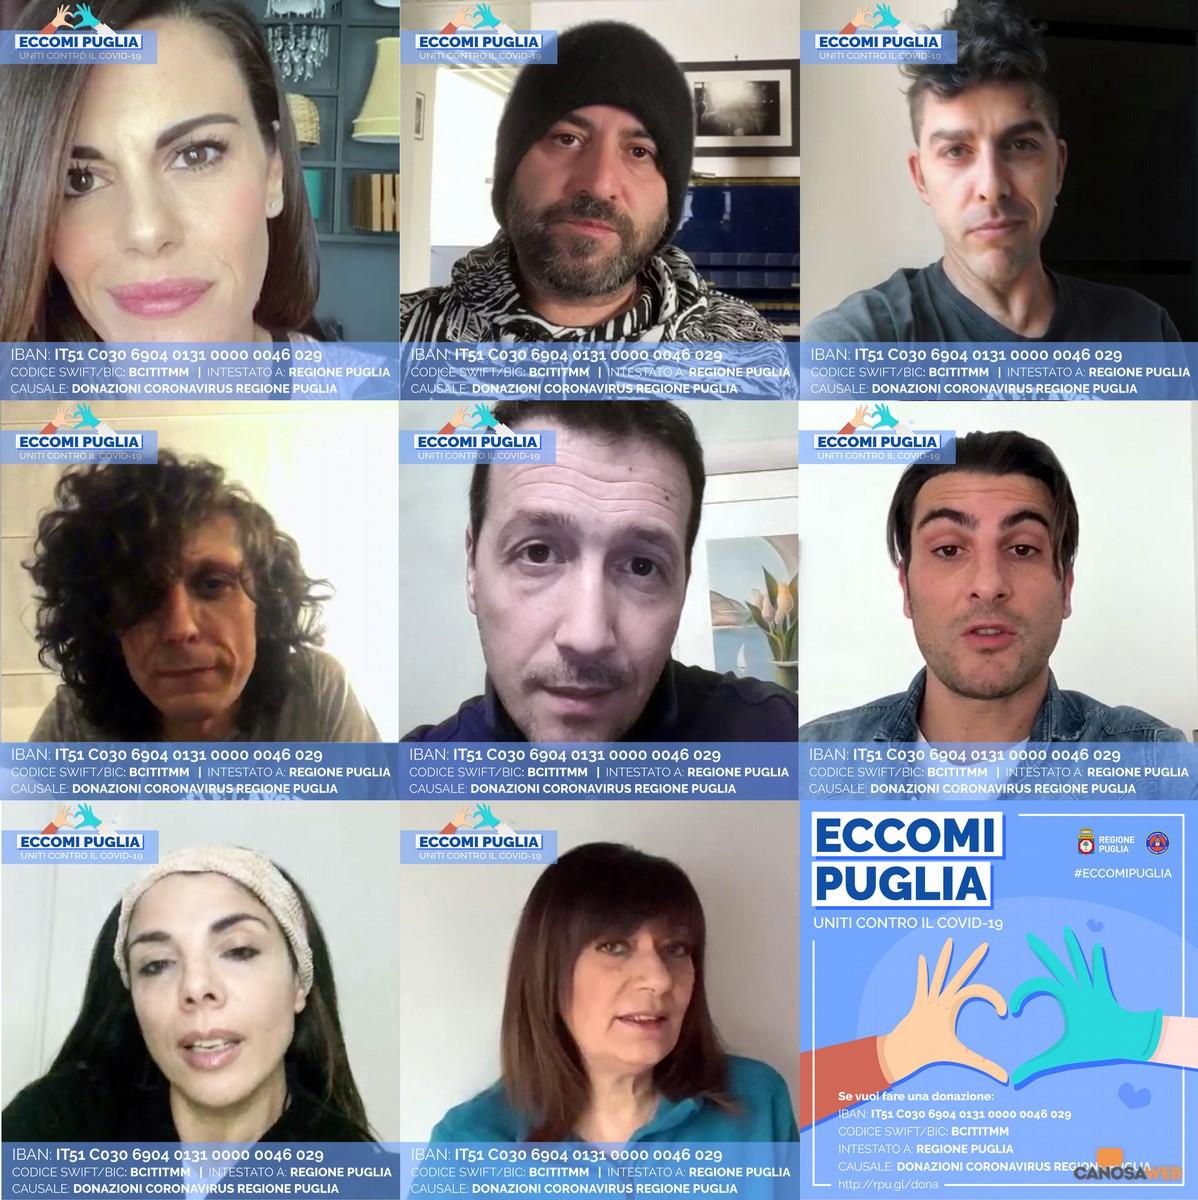 ECCOMI PUGLIA. Uniti contro il COVID19